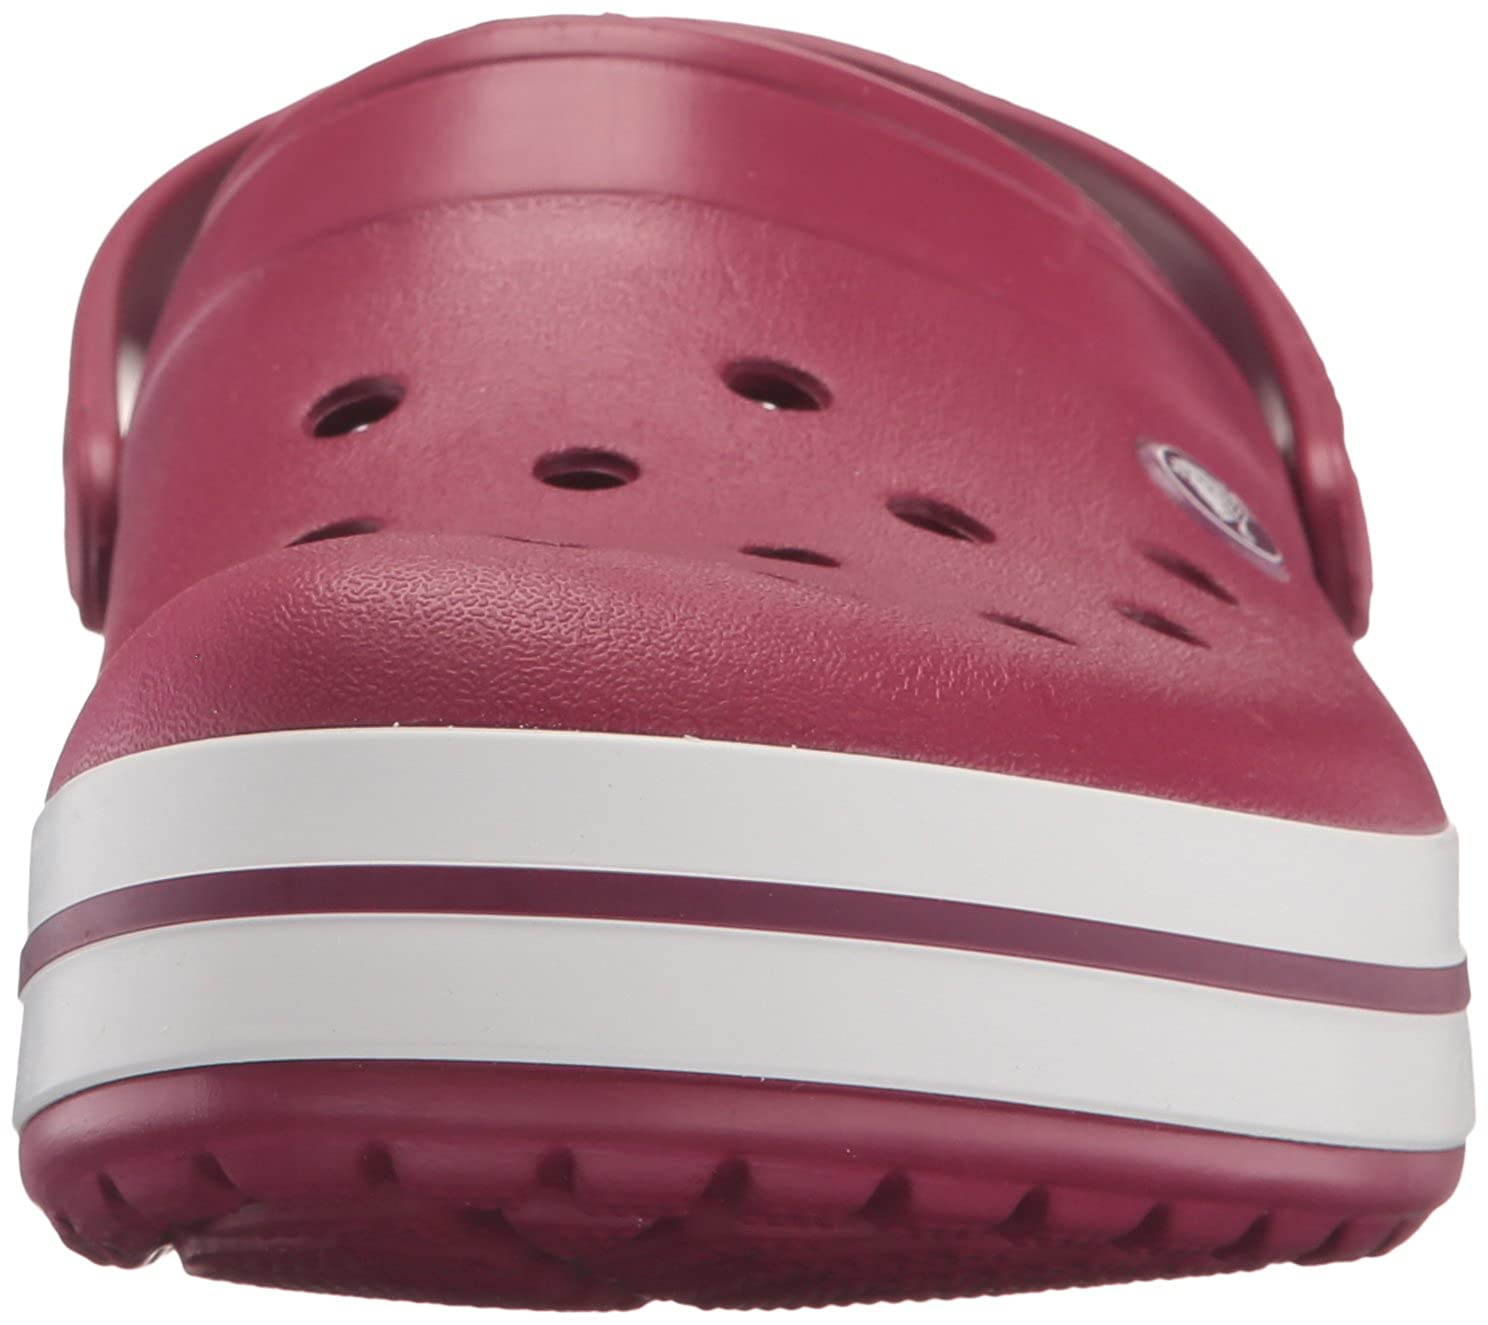 Crocs Crocs Crocs CR. 11016, Zoccoli Unisex – Adulto | Lascia che i nostri prodotti vadano nel mondo  | Uomini/Donna Scarpa  746609